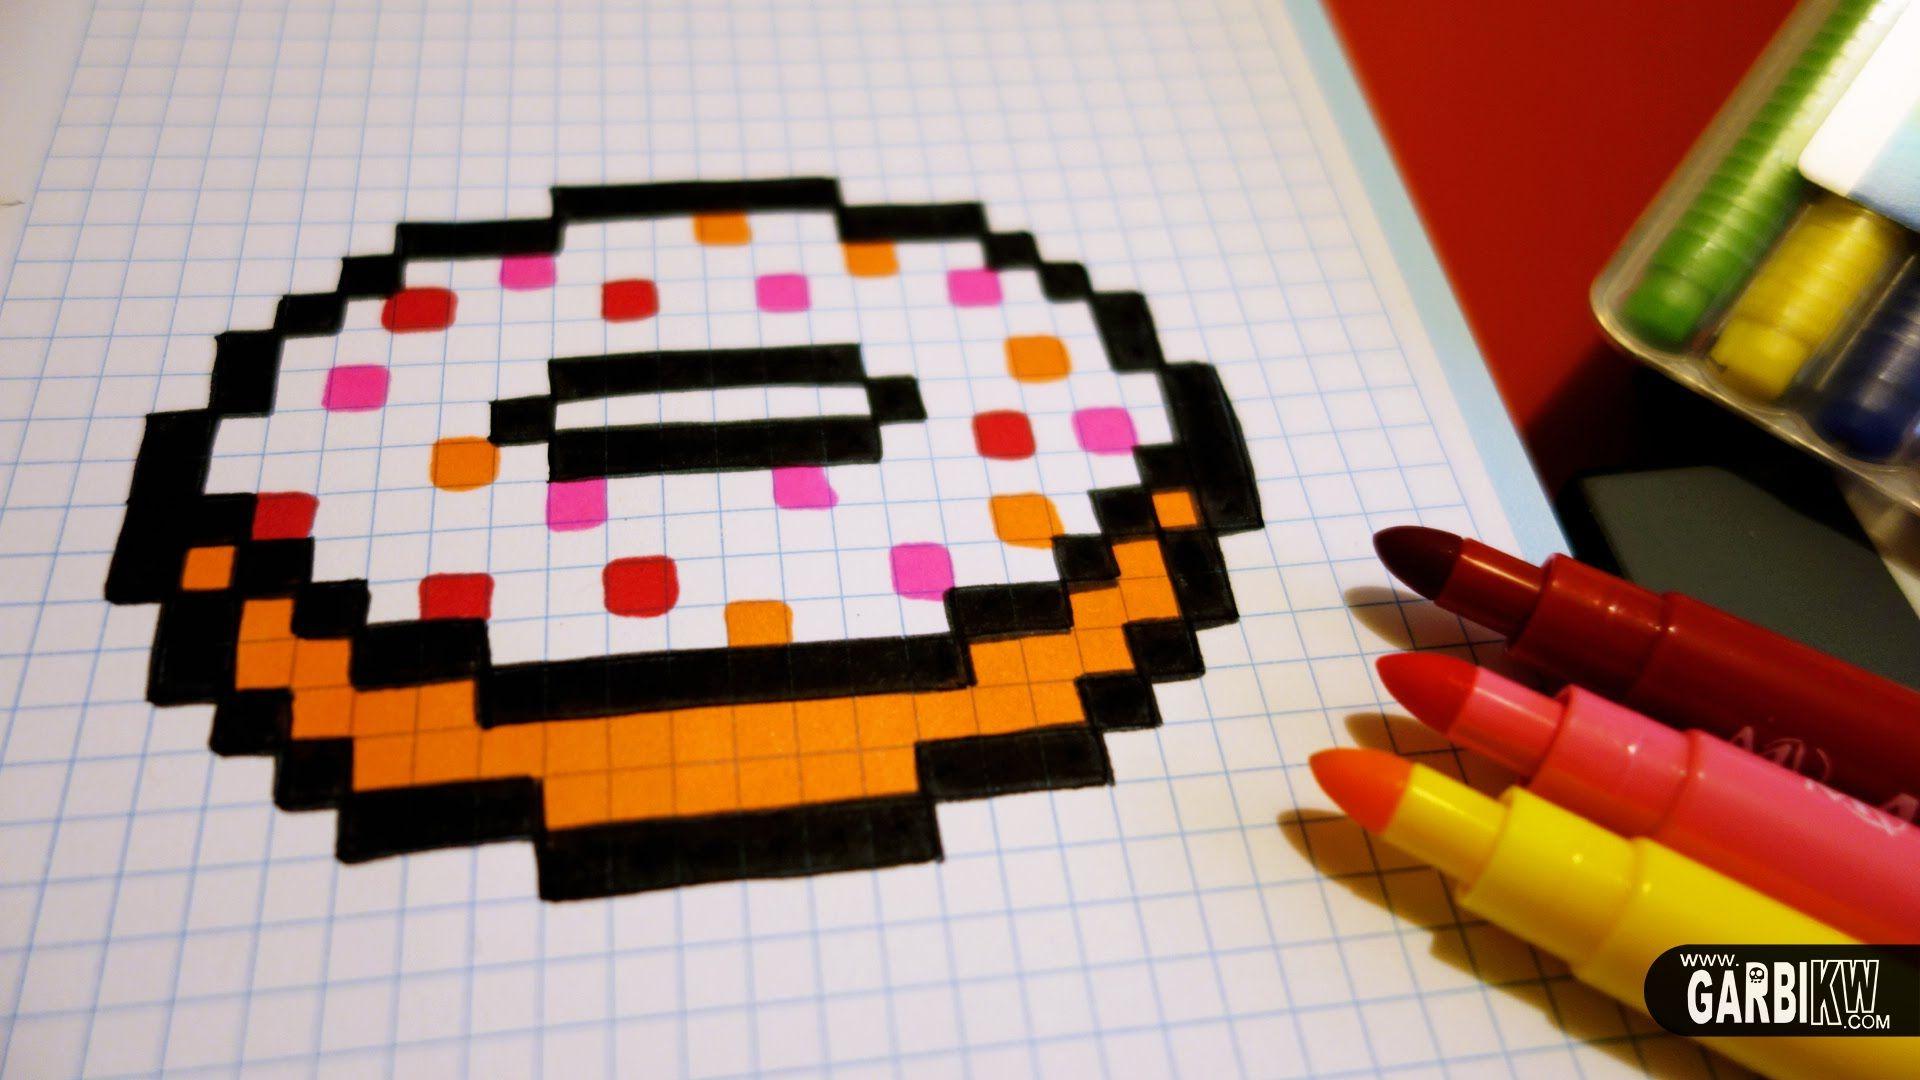 Handmade Pixel Art How To Draw A Kawaii Donut By Garbi Kw